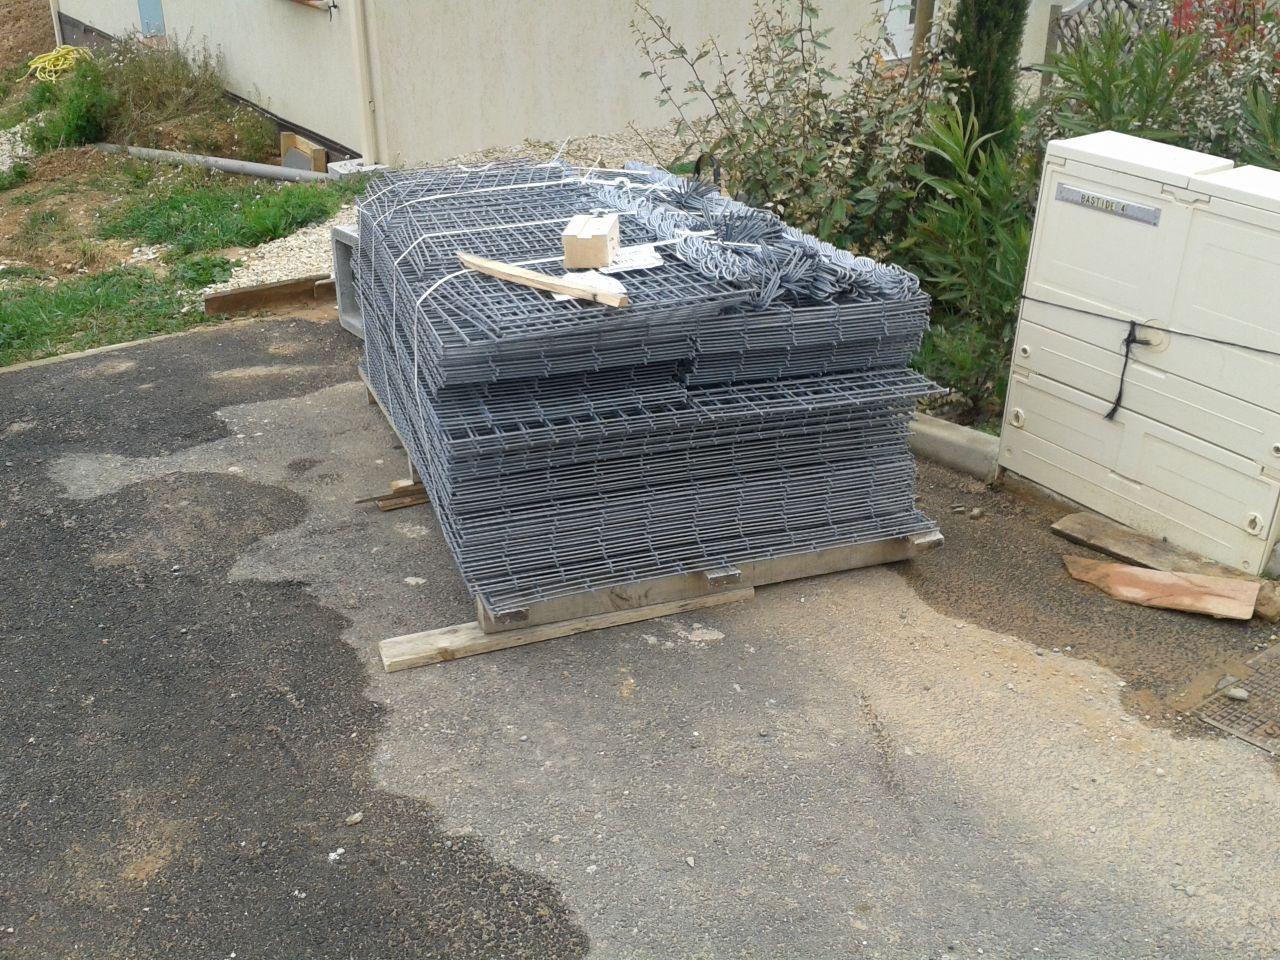 Livraison des casiers à gabion pour contenir le remblai du jardin